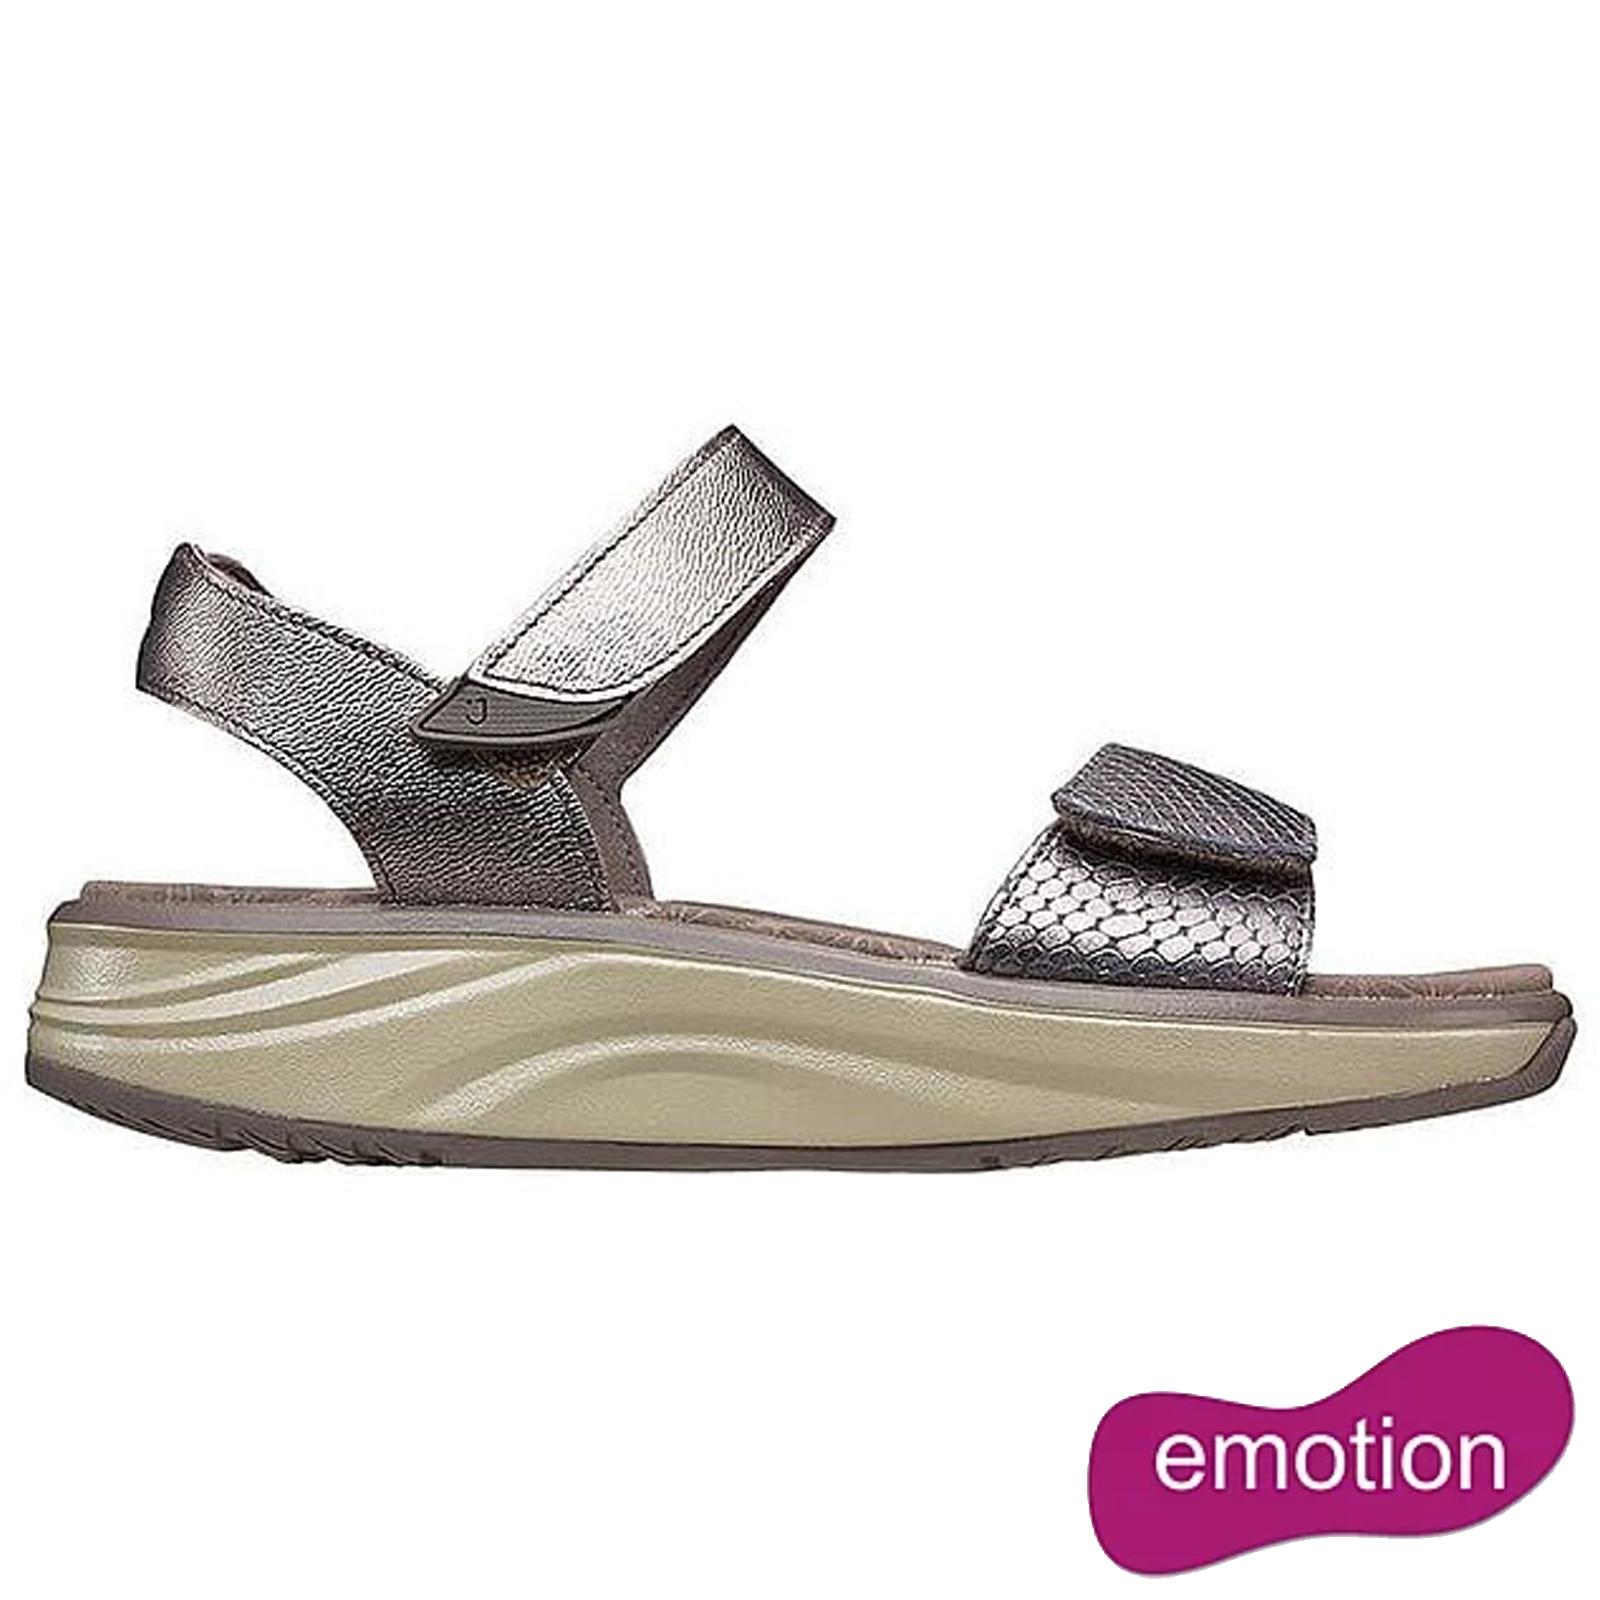 Joya Womens Flores Adjustable Sandals - Bronze